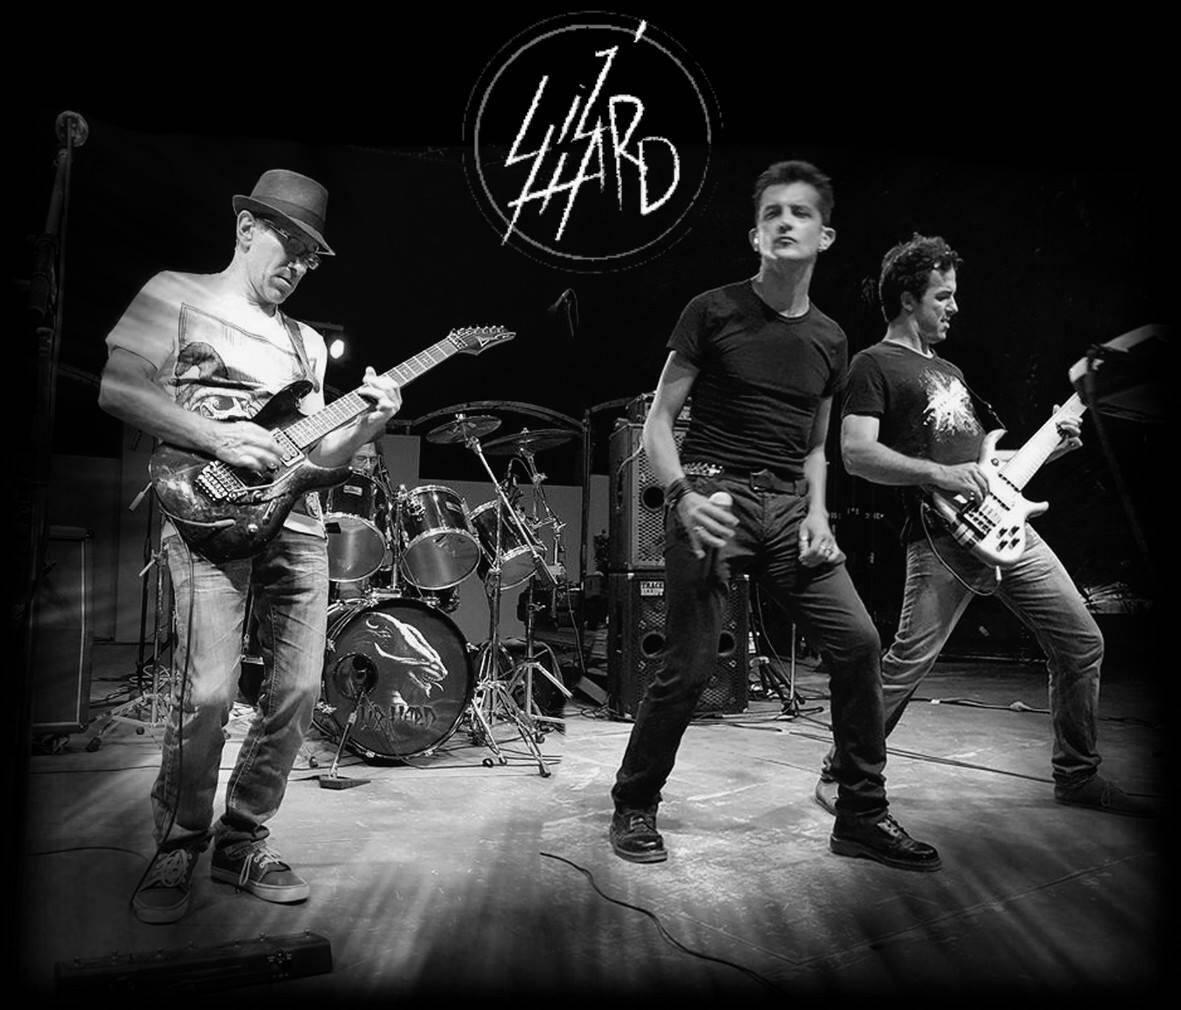 Le 18 février, le Centre Maurin des Maures de Cogolin sera le repaire des rockeurs, avec notamment Liz'hard.